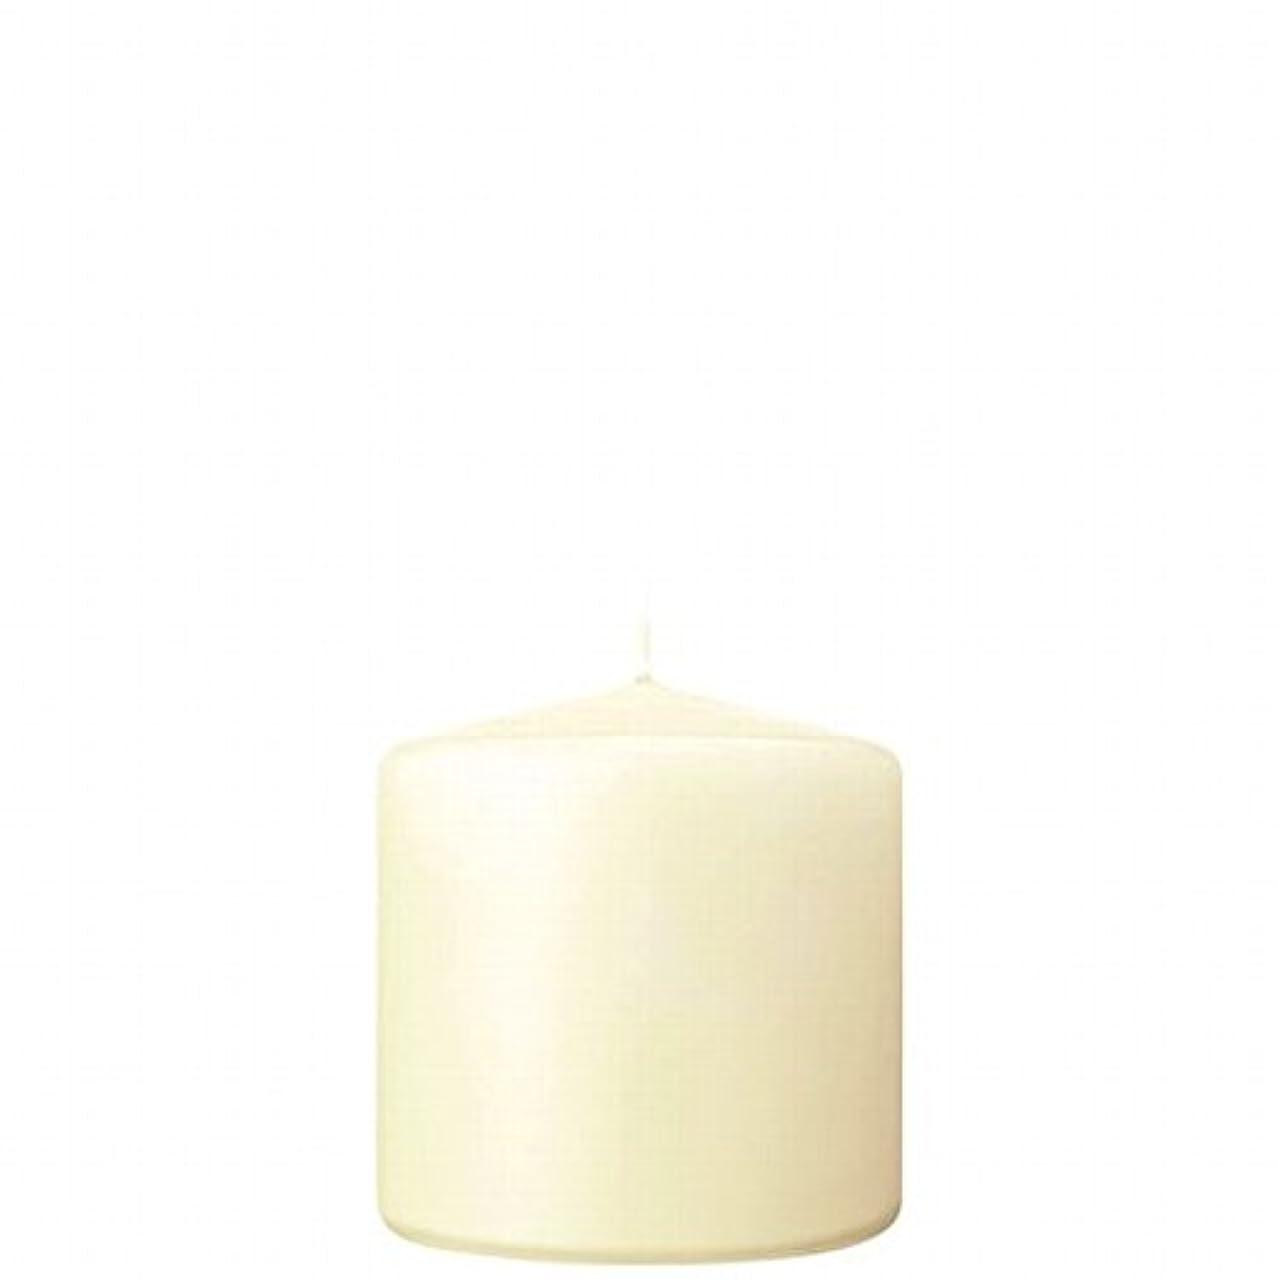 ダイヤモンド酸領域カメヤマキャンドル( kameyama candle ) 3×3ベルトップピラーキャンドル 「 アイボリー 」